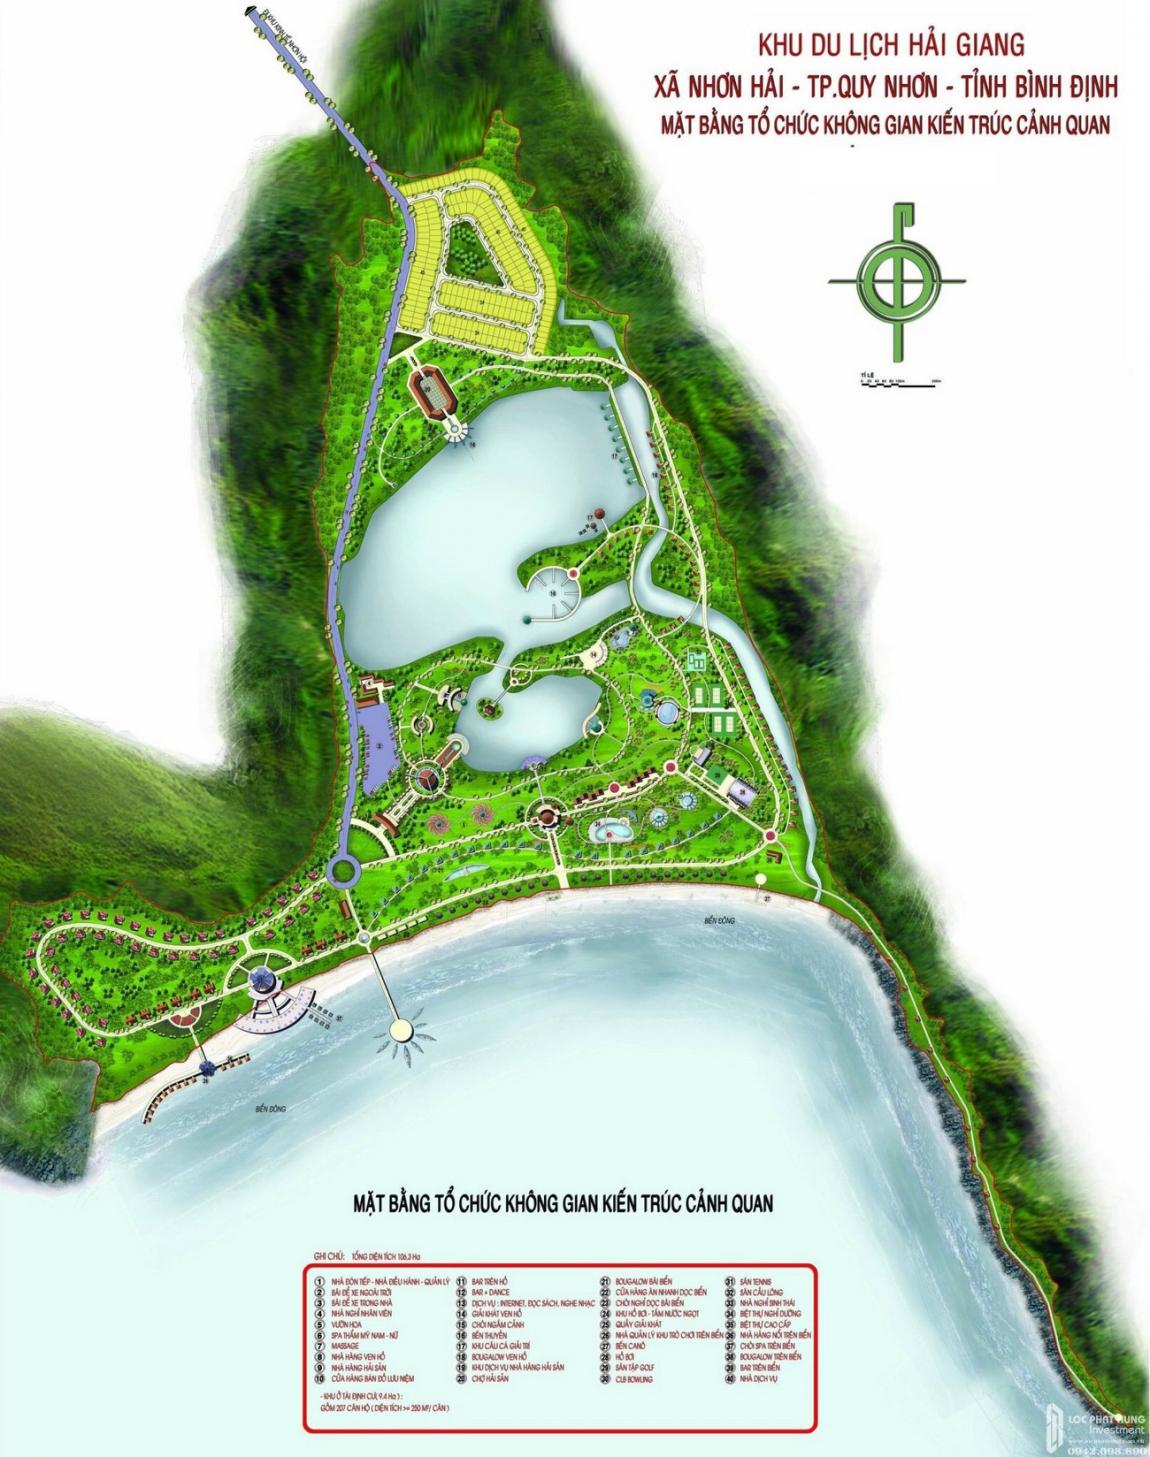 mặt bằng phối cảnh dự án hải giang merry land